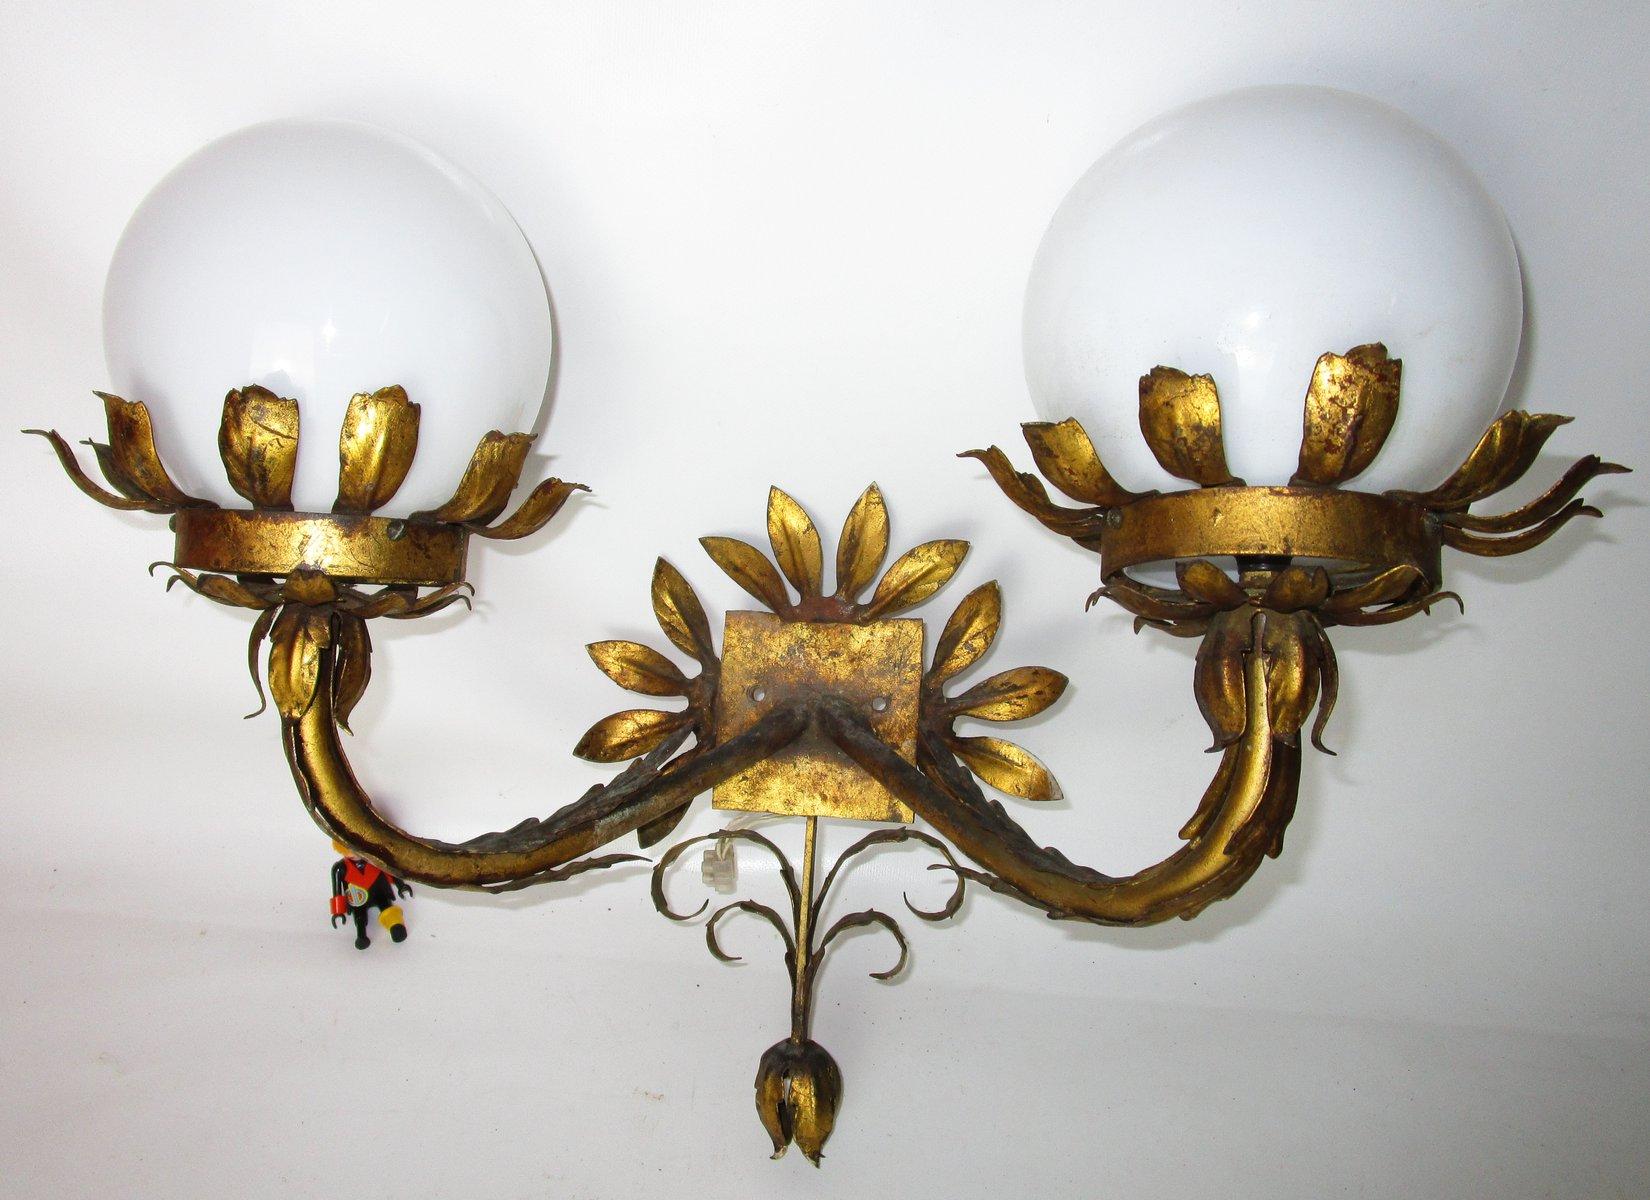 Vergoldete Mid-Century Wandlampe aus Eisen